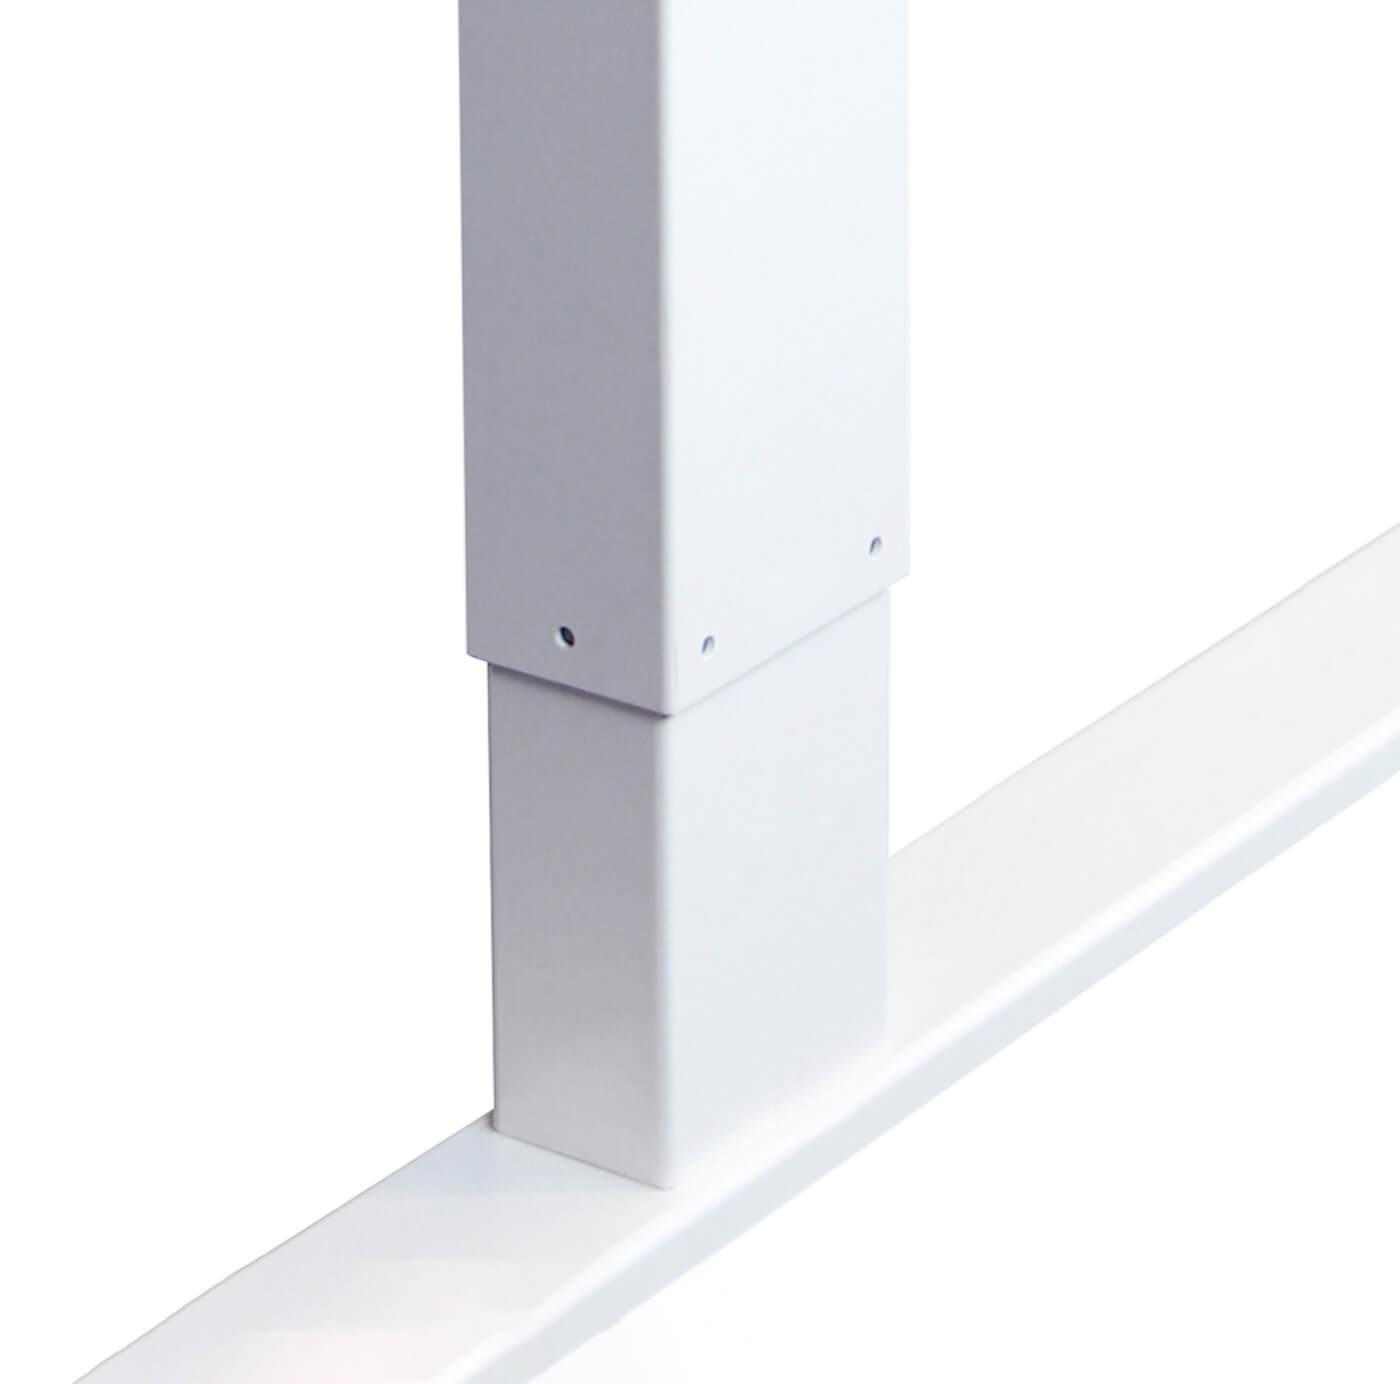 Tischgestell ergonomischer Schreibtisch elektrisch elektronisch höhenverstellbar